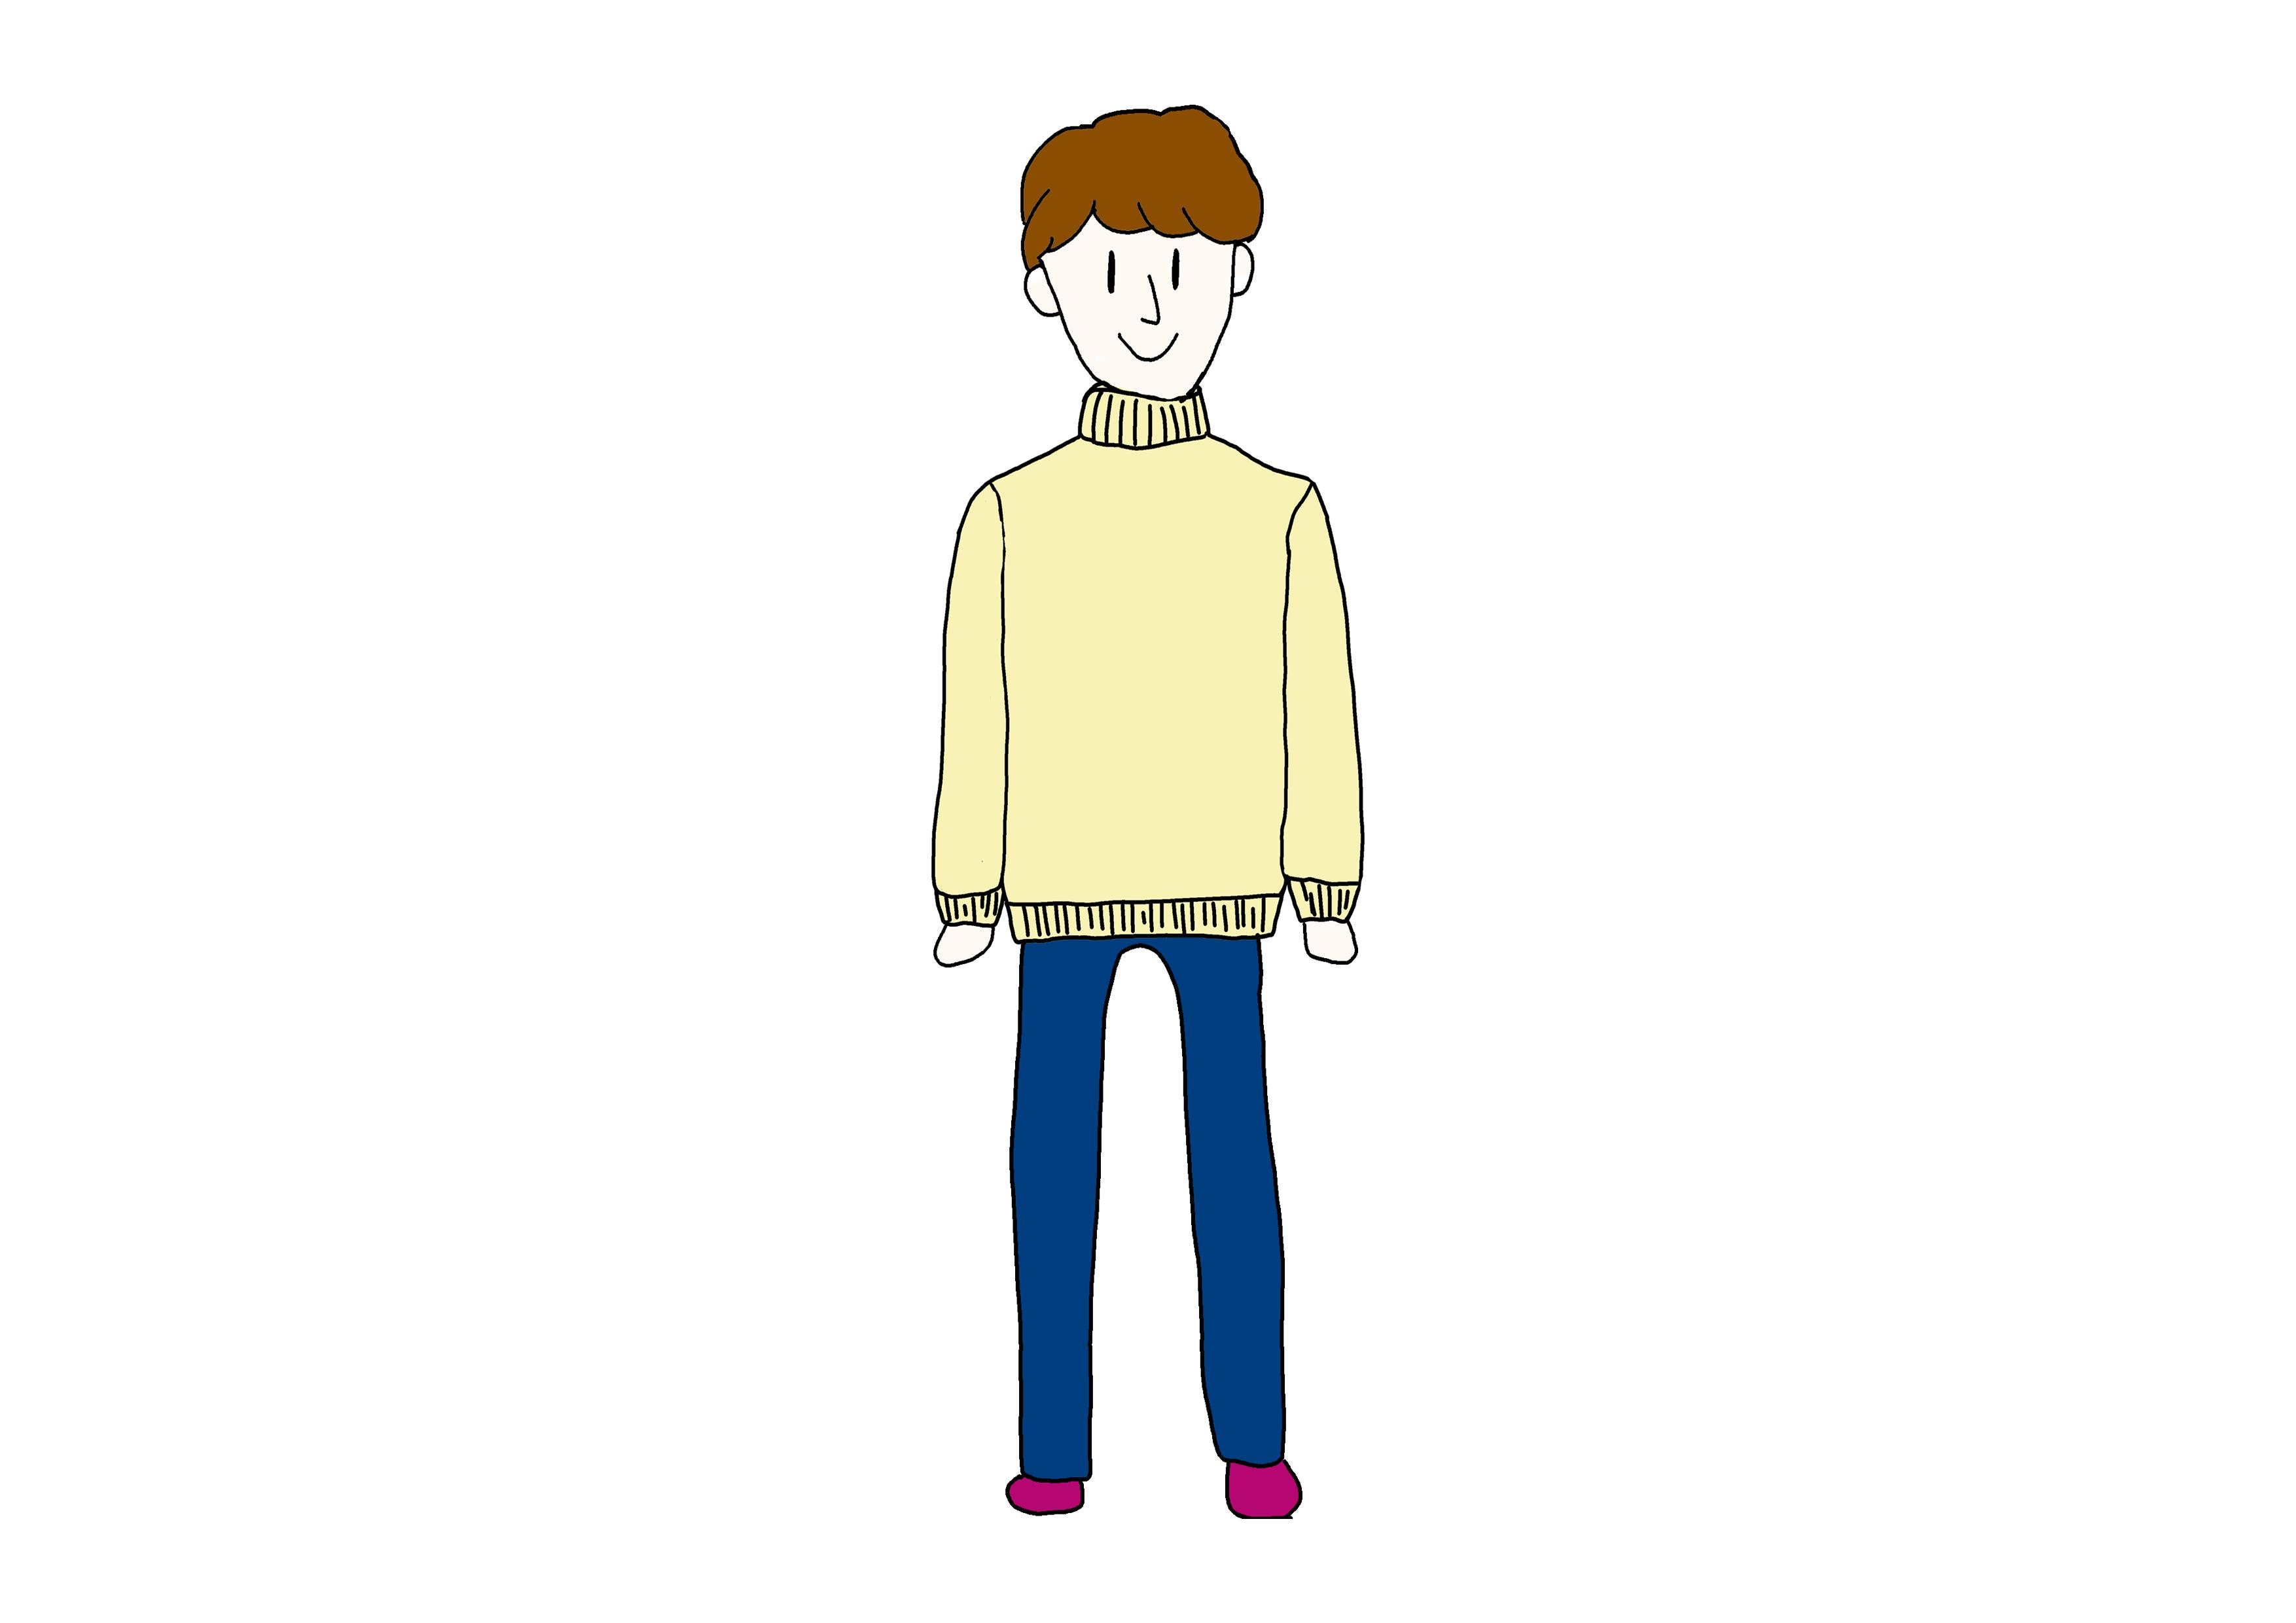 イラスト【セーターを着ている人】